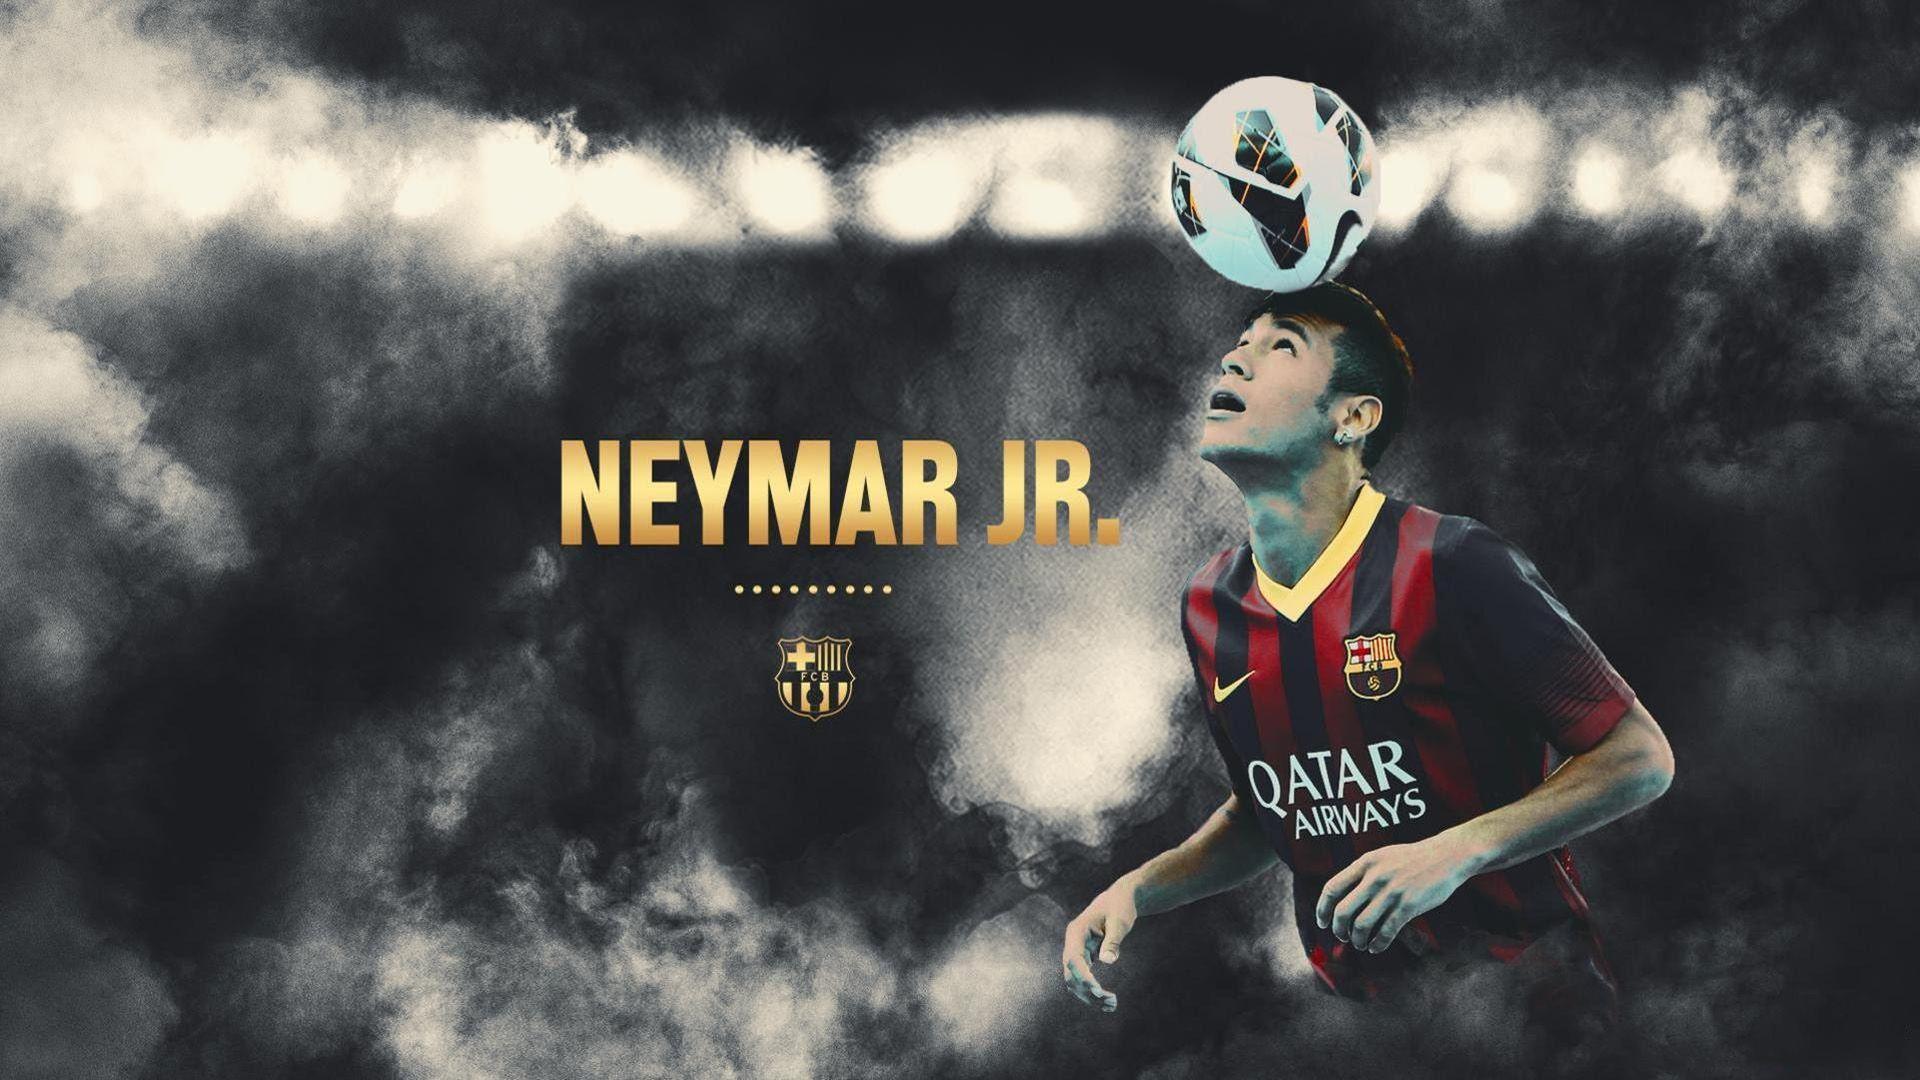 Neymar Barcelona Wallpapers Wallpaper Cave